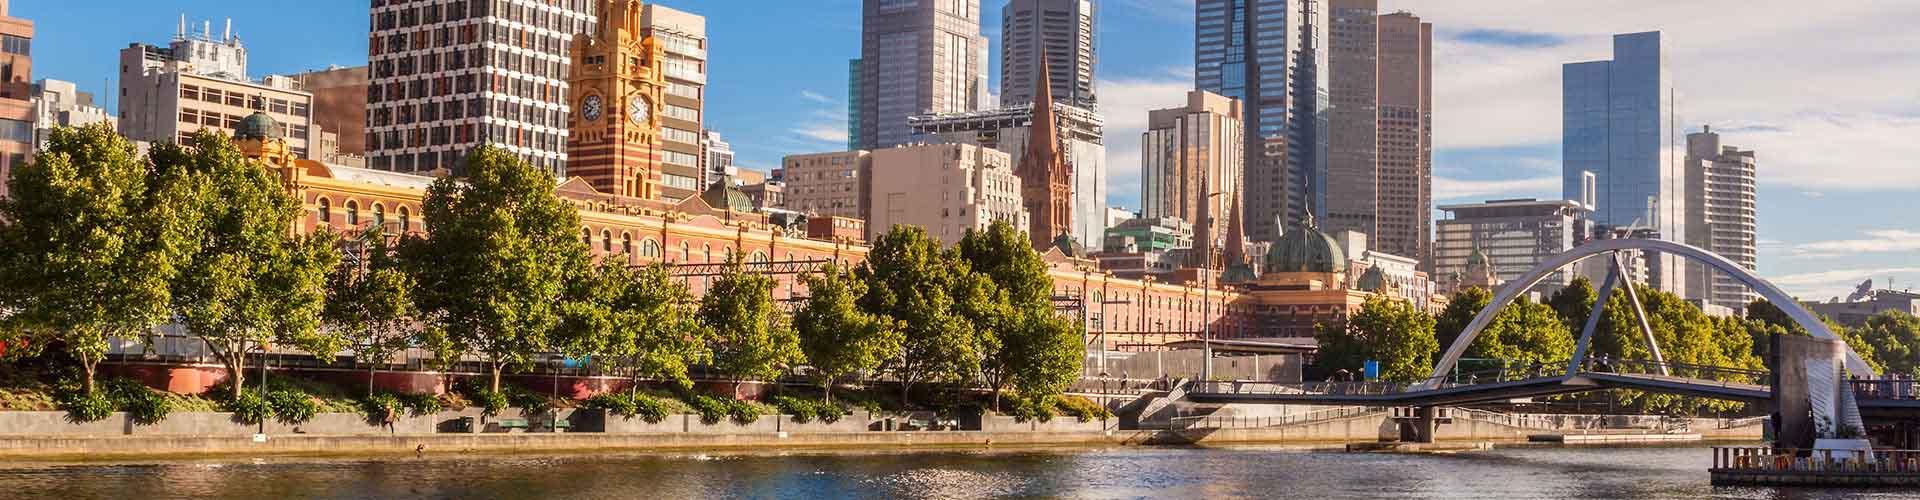 Melbourne - Schroniska młodzieżowe w dzielnicy: Melbourne. Mapy dla: Melbourne, Zdjęcia i Recenzje dla każdego Schroniska Młodzieżowego w: Melbourne.